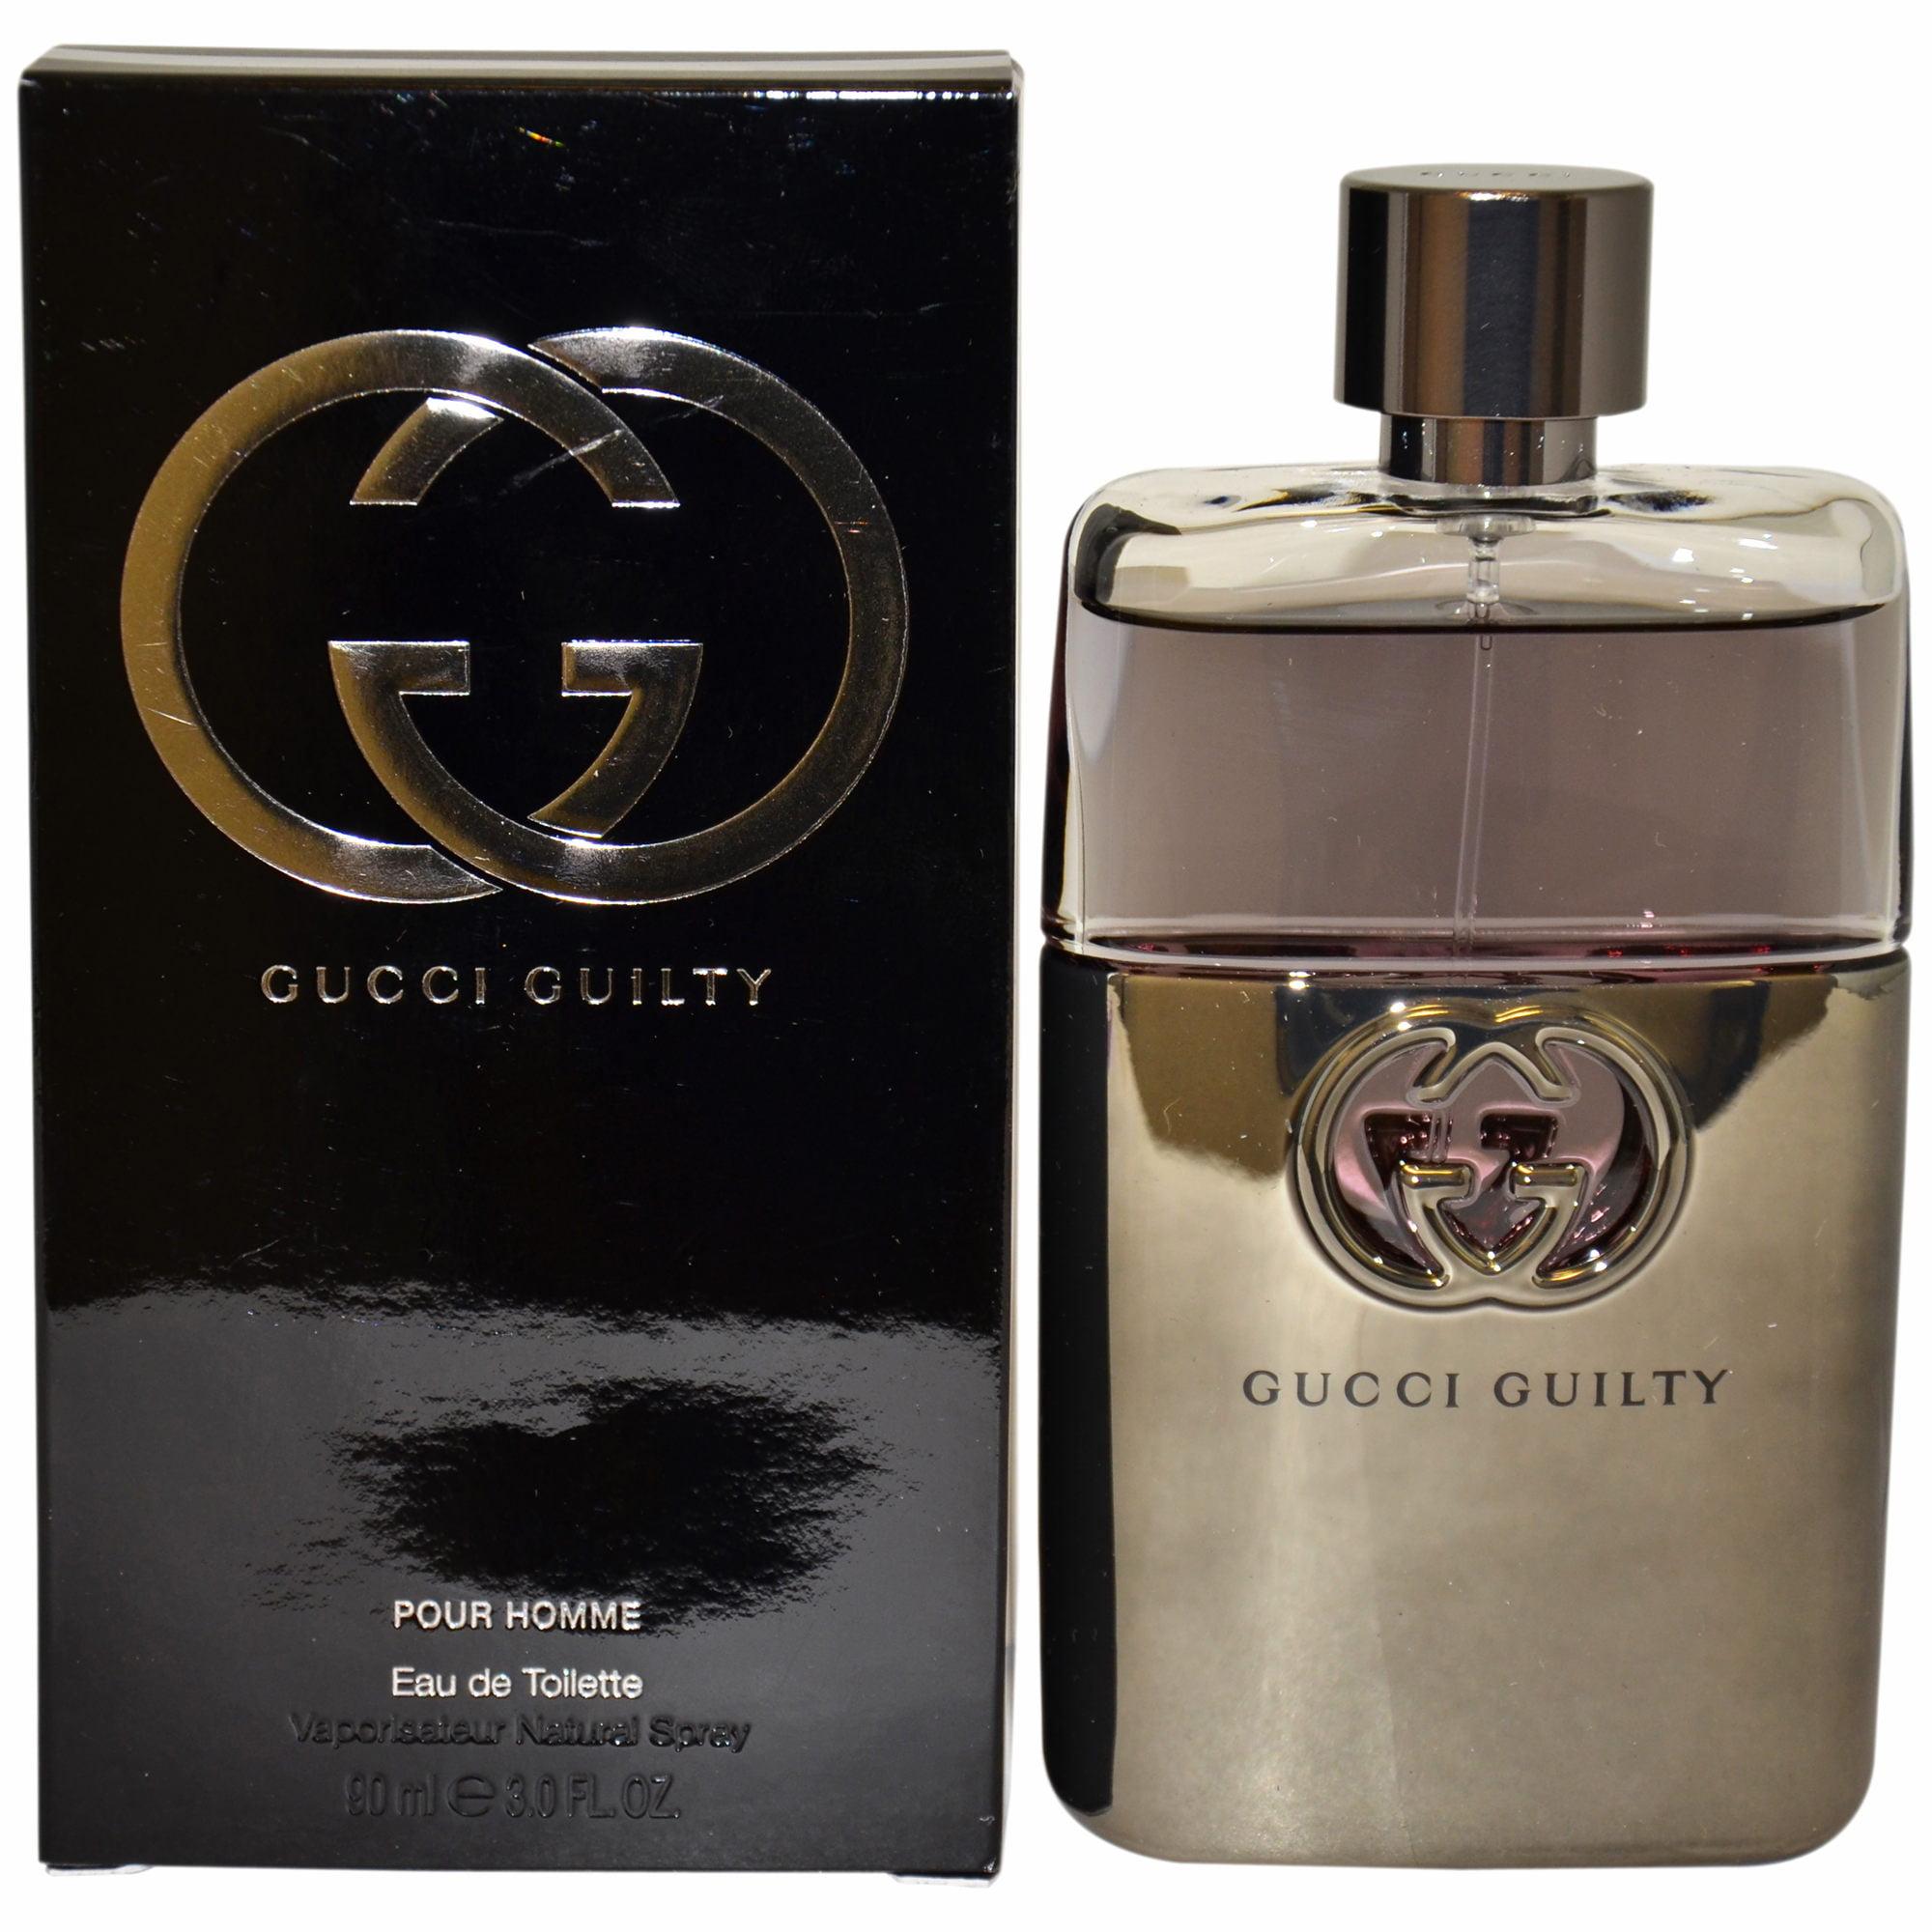 Product of Gucci 3 oz.Gucci Guilty Pour Homme Eau De Toilette Spray -  Bulk  Savings  - Walmart.com 9a8f3319c26e